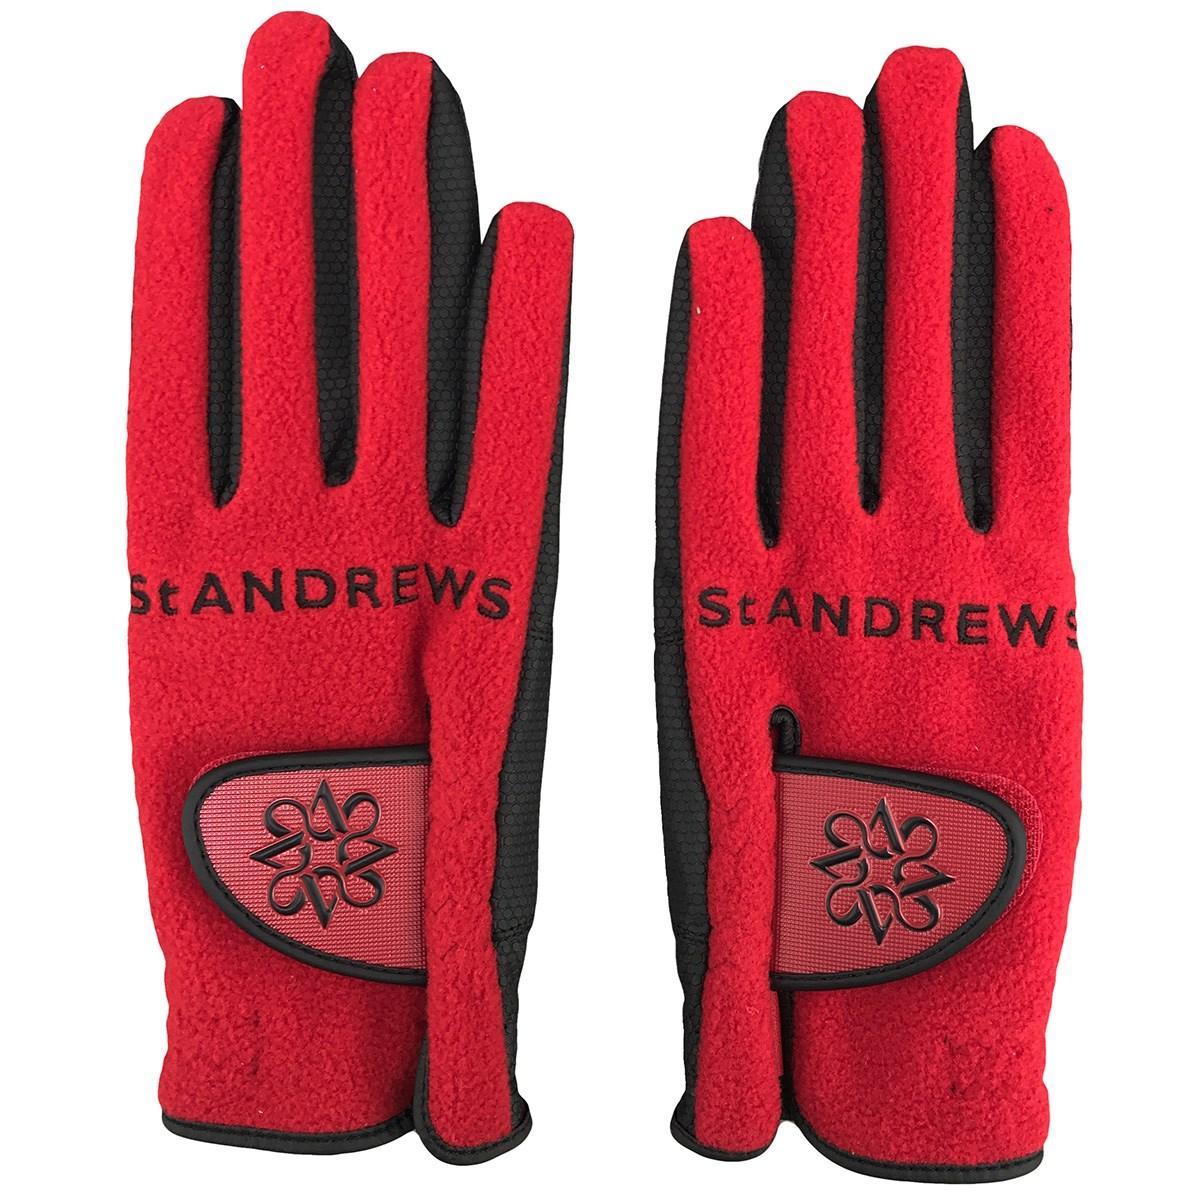 セント・アンドリュース St ANDREWS フリースグローブ 両手用 SS 両手用 レッド 100